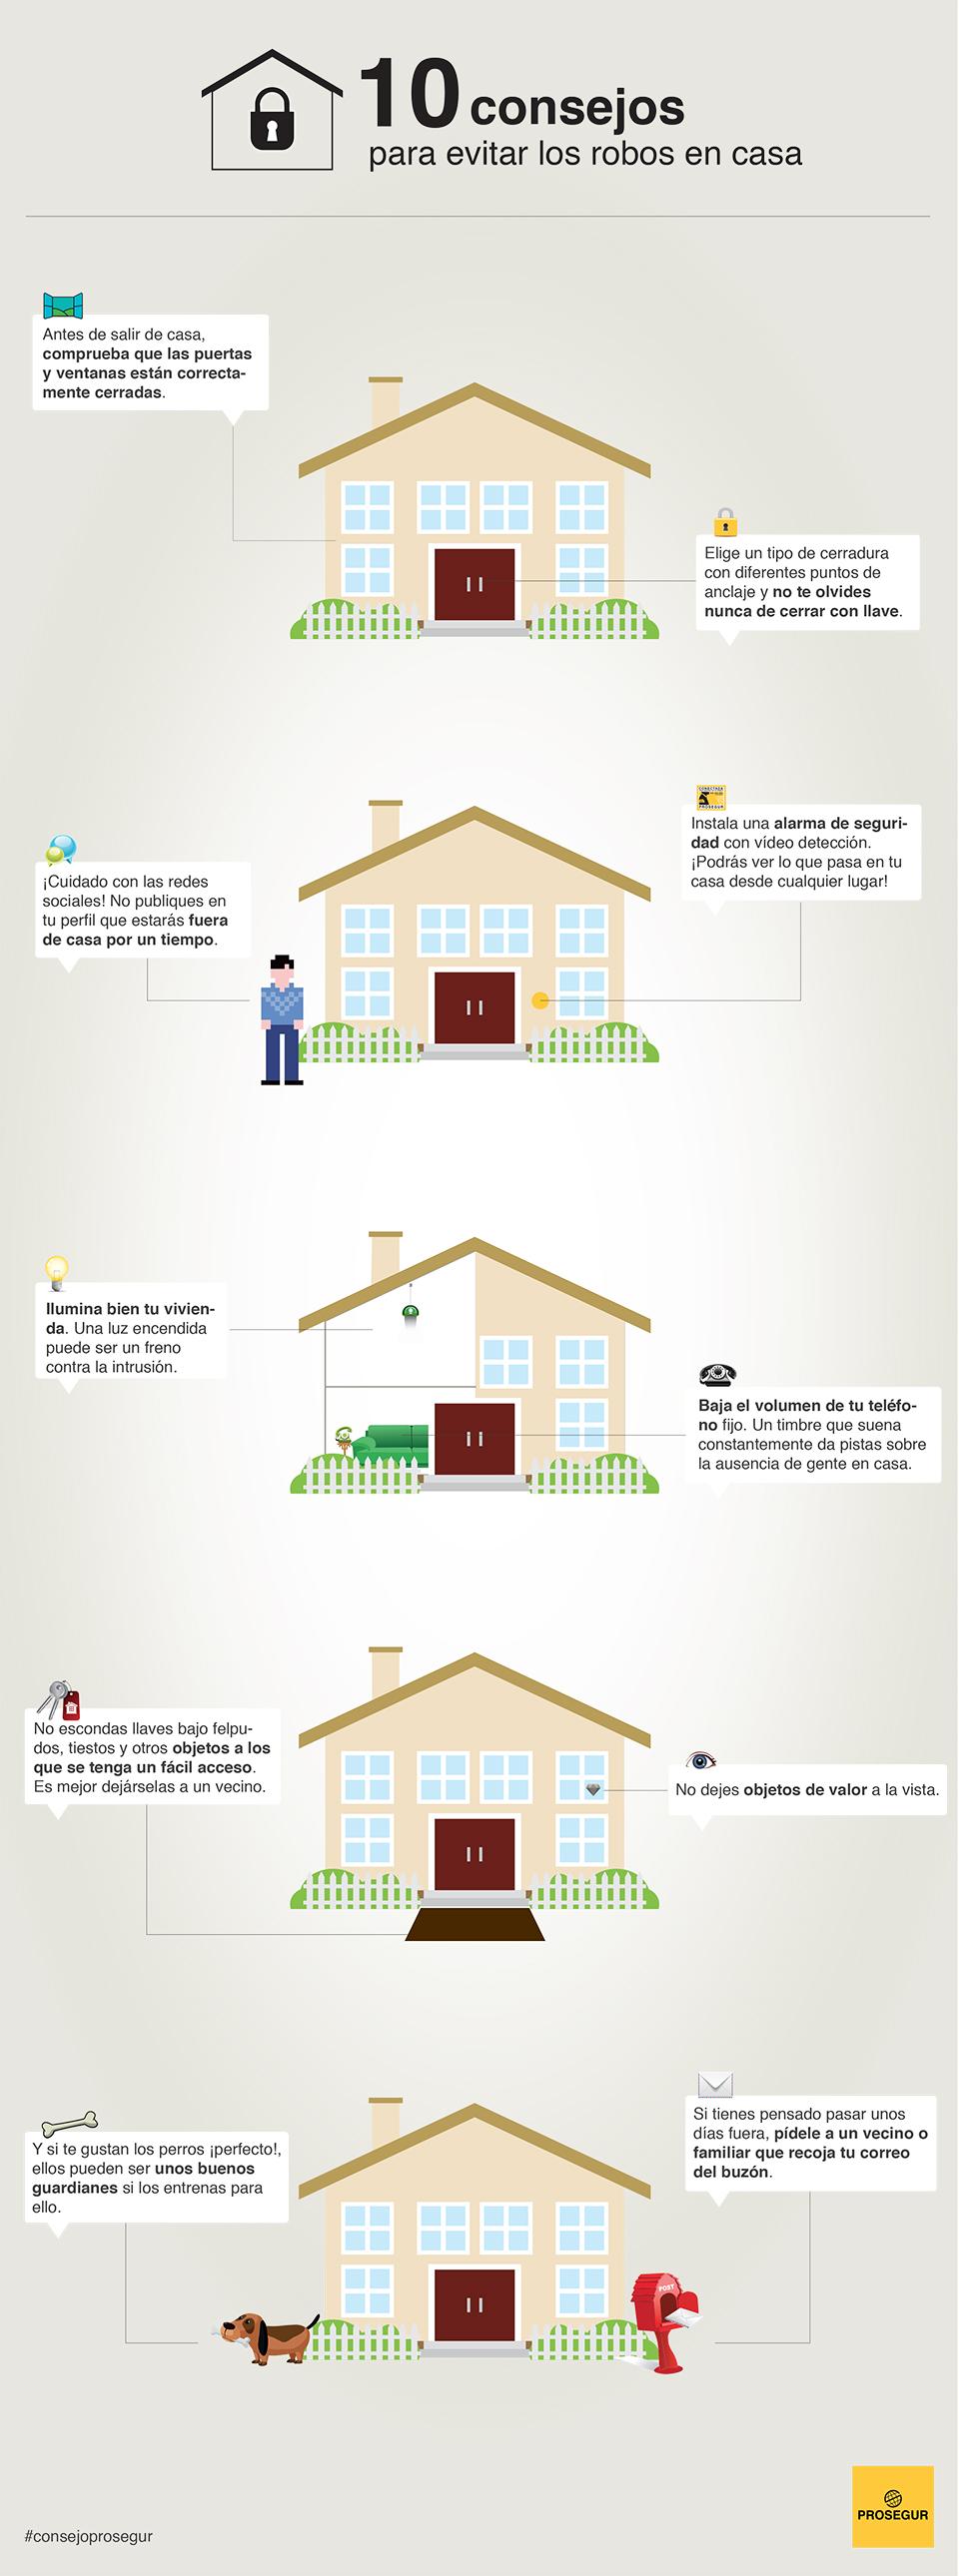 10-consejos-para-evitar-robos